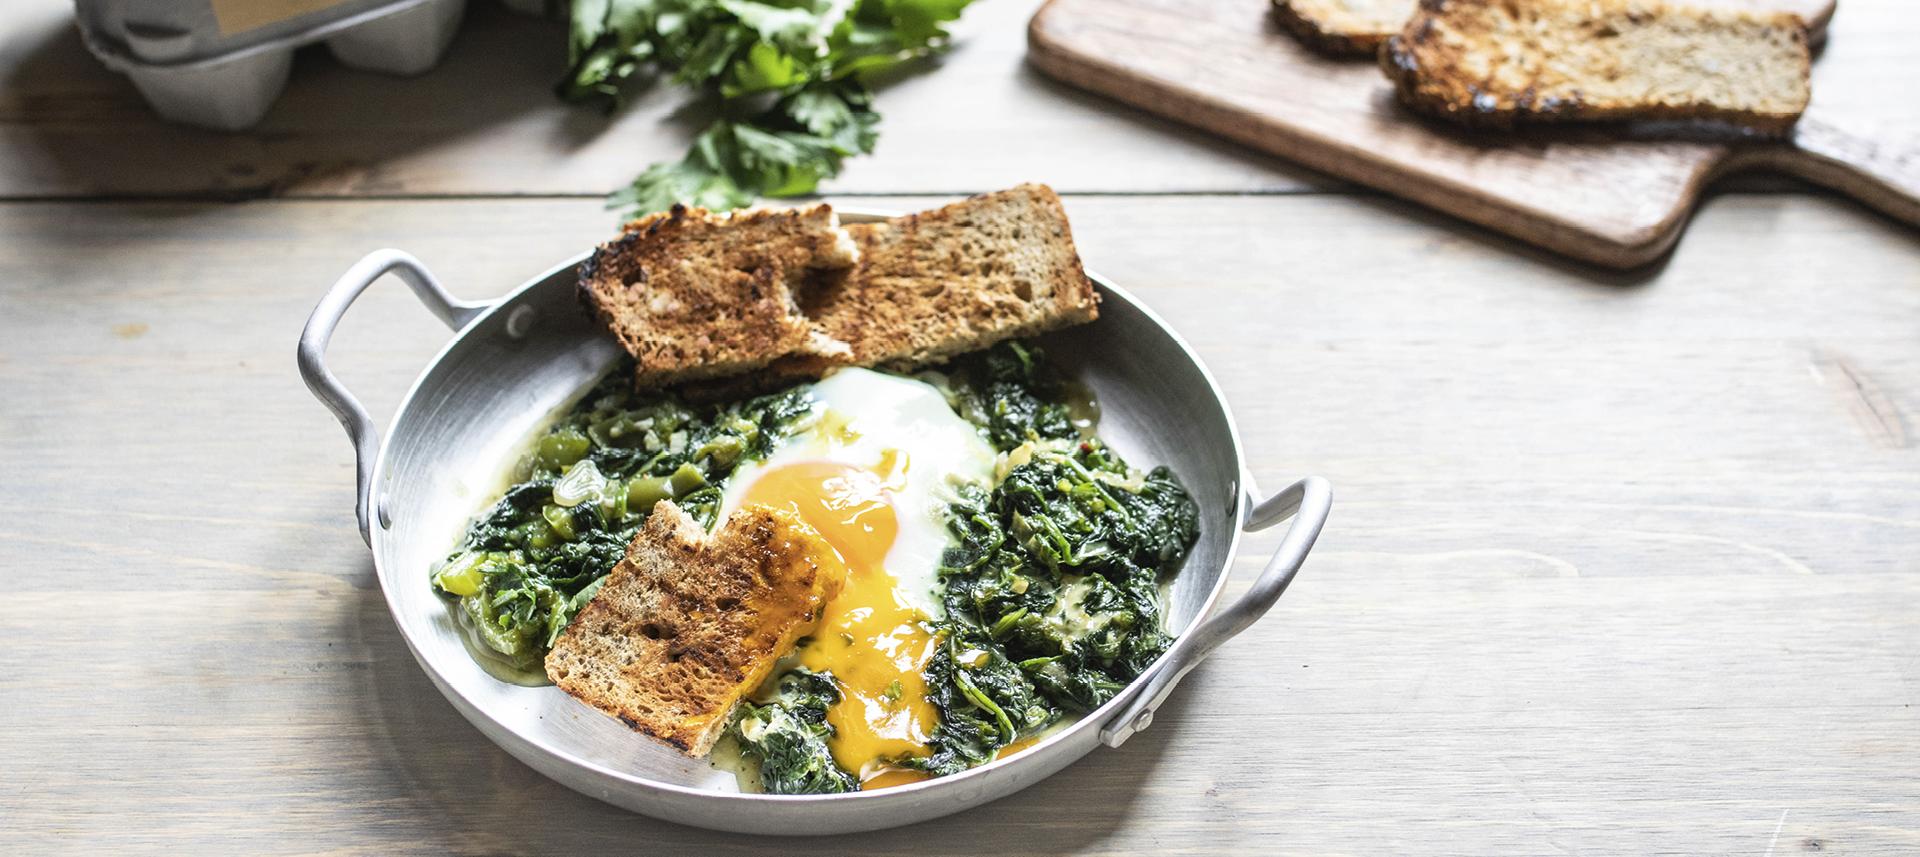 Dinstano povrce s jajem.jpg